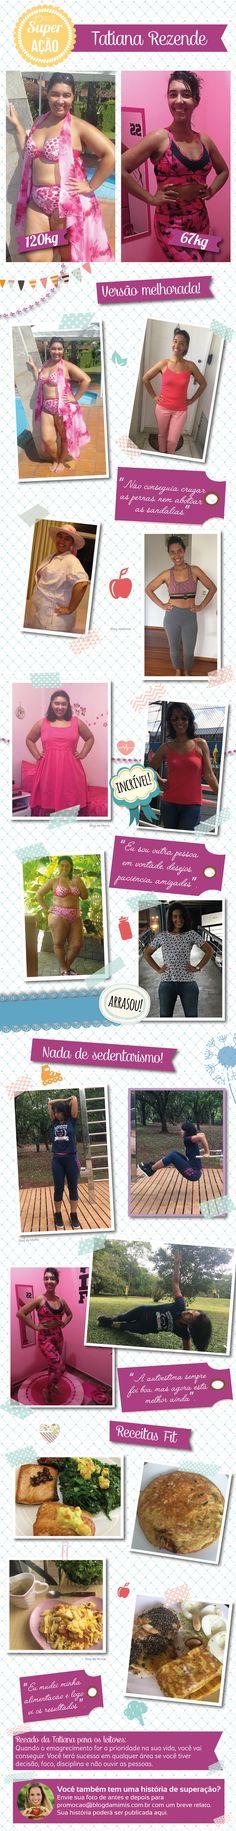 Superação Tatiana Rezende - Blog da Mimis - Mãe revela o seu segredo para emagrecer 53Kg! #emagrecer #dieta #saudável #alimentação #dicas